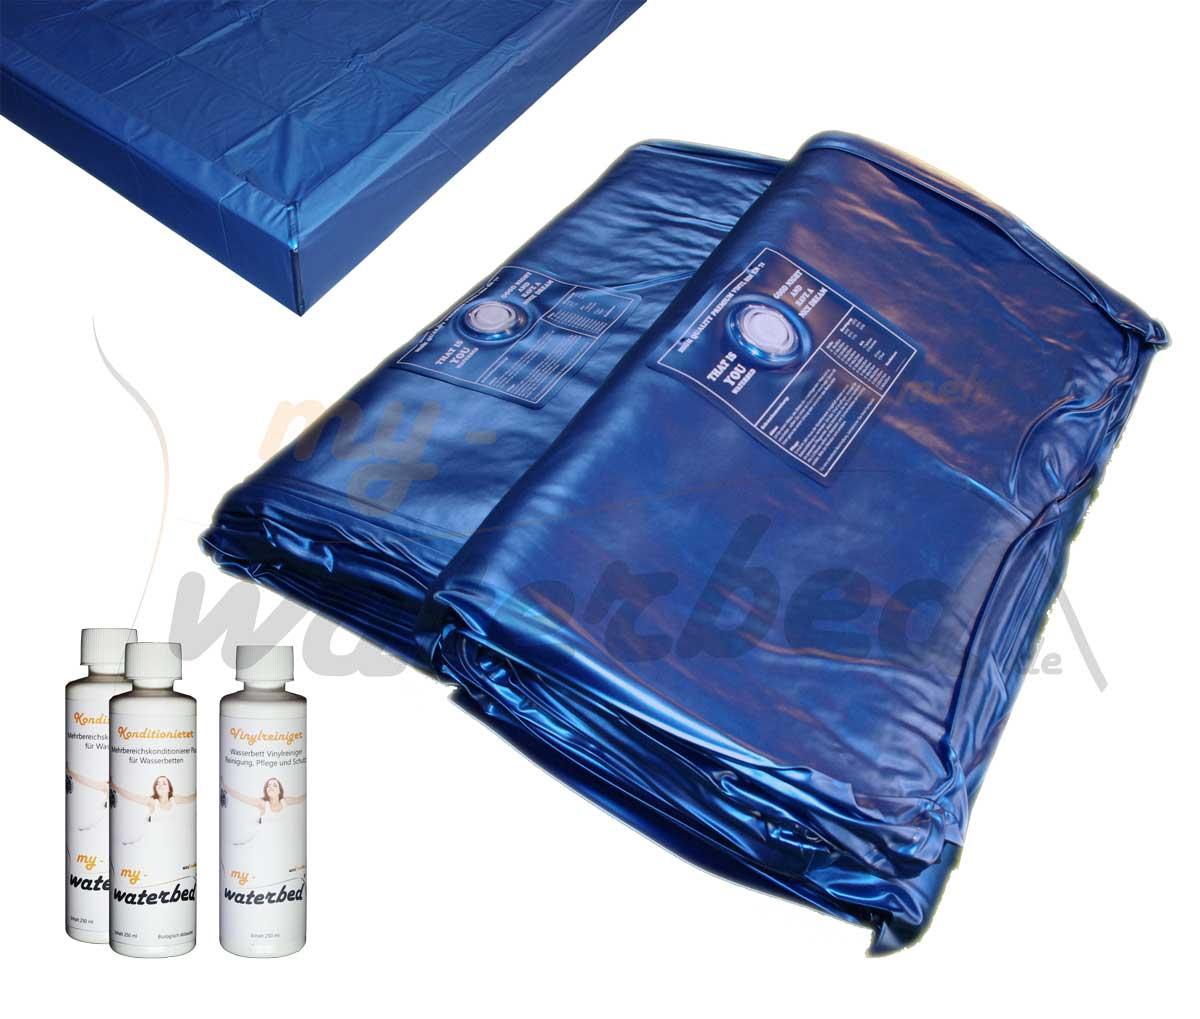 Softside Water Bed Mattress 9